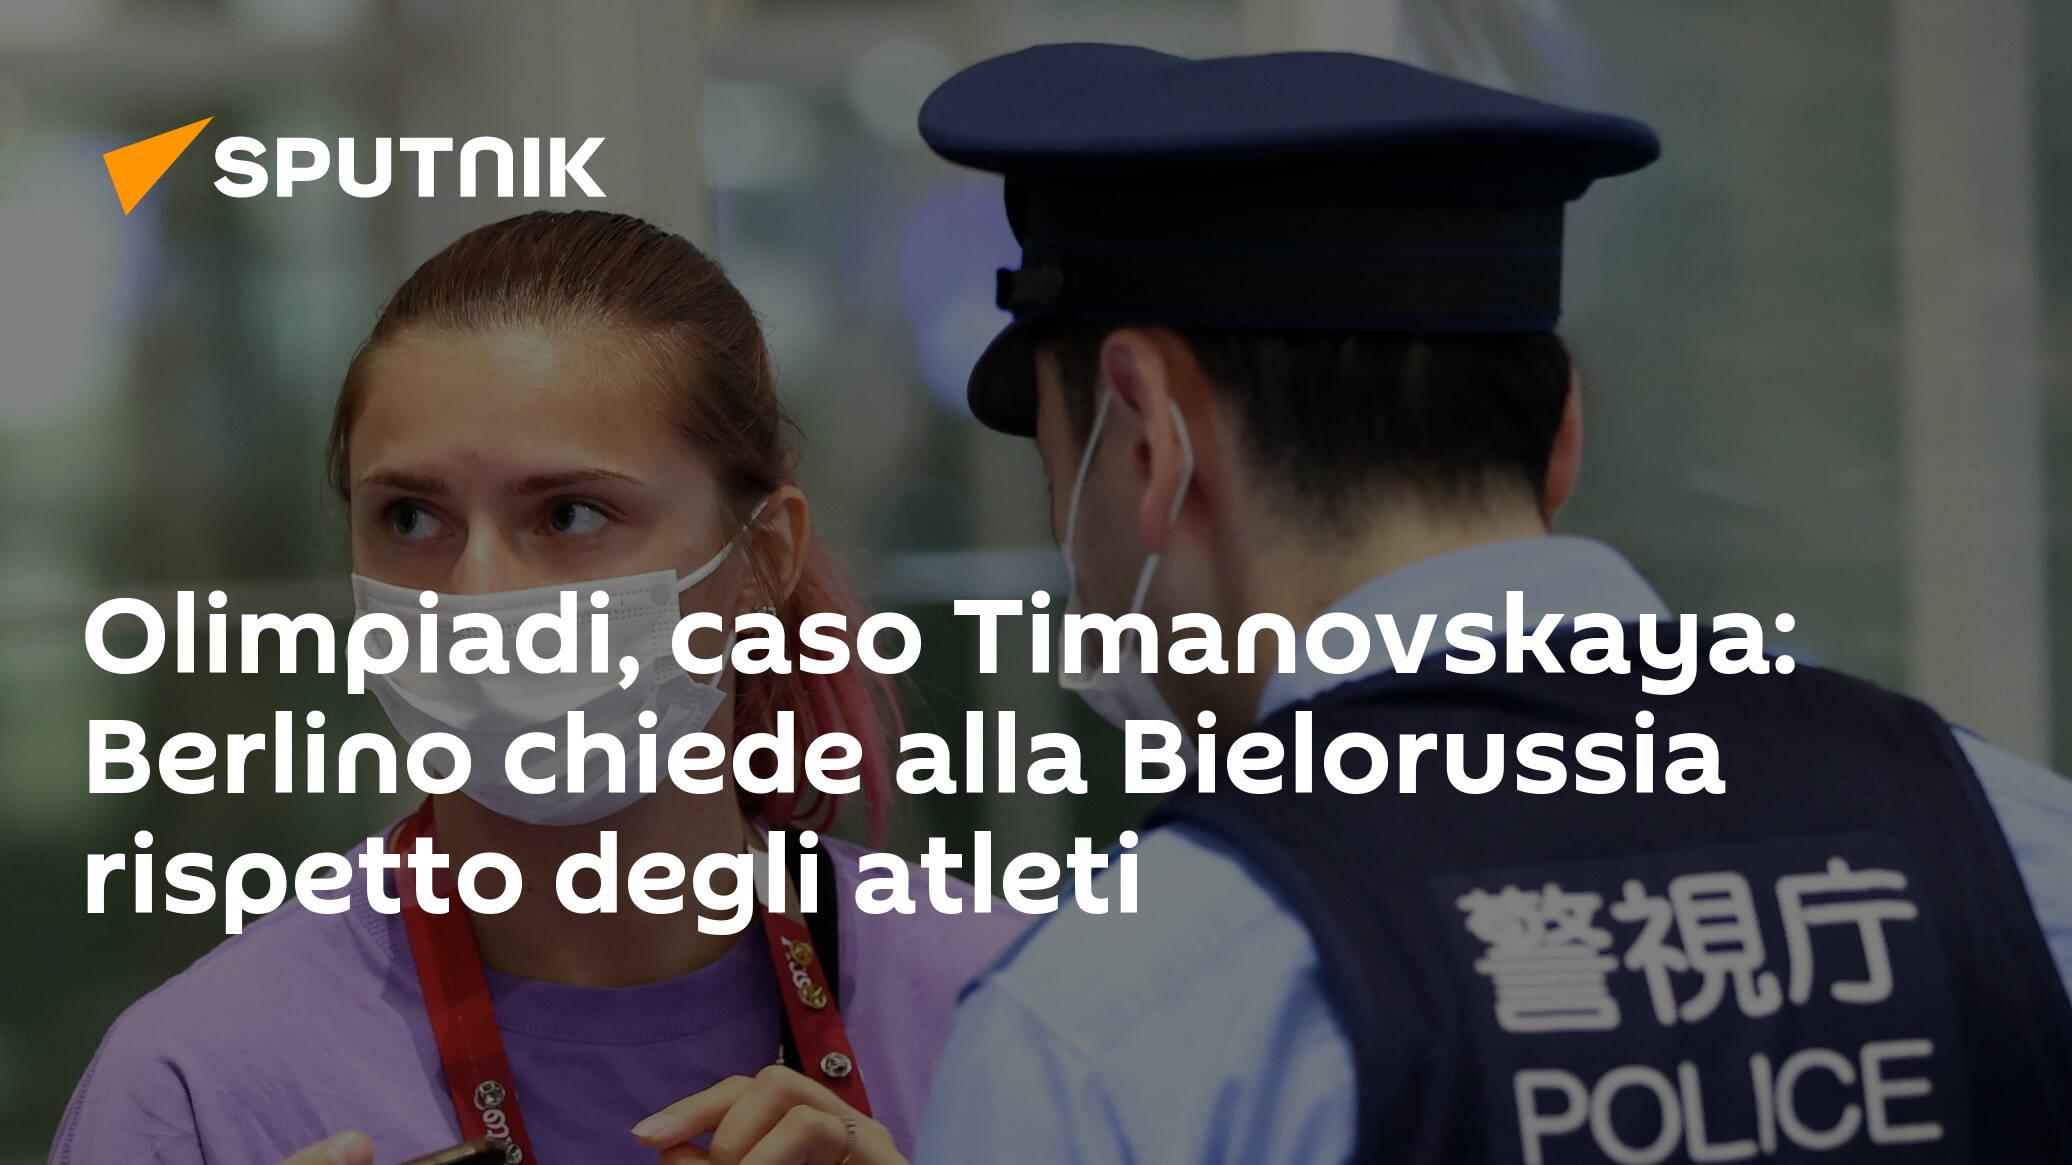 المپیک ، مورد تیمانوفسایا: برلین از بلاروس برای احترام به ورزشکاران التماس می کند